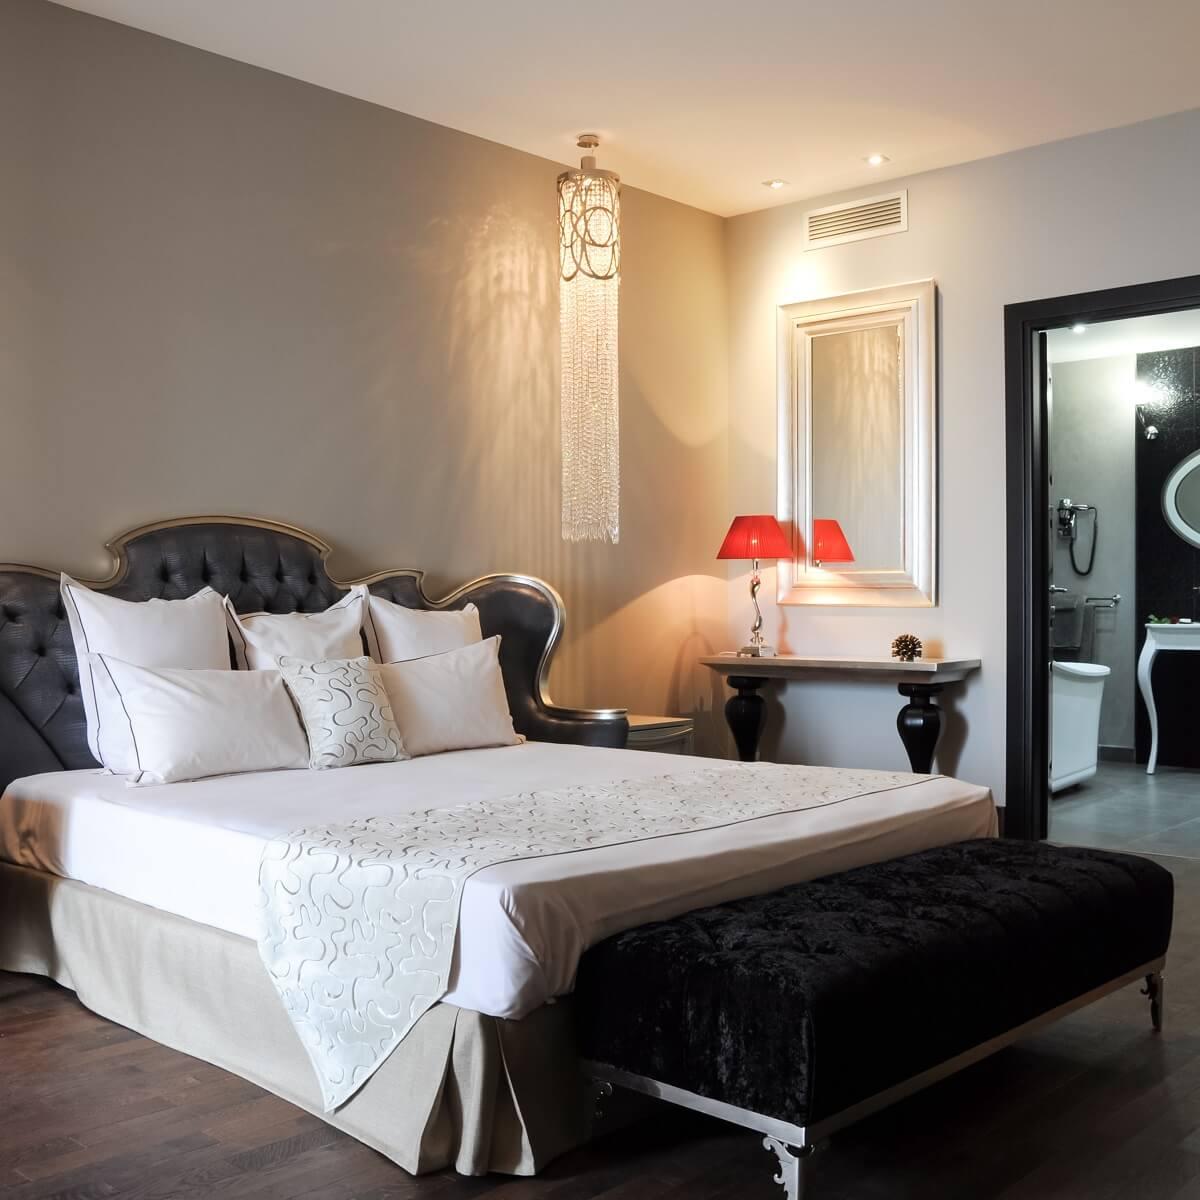 Chambre - Hôtel Demeure Loredana - Saint-Florent - Haute-Corse